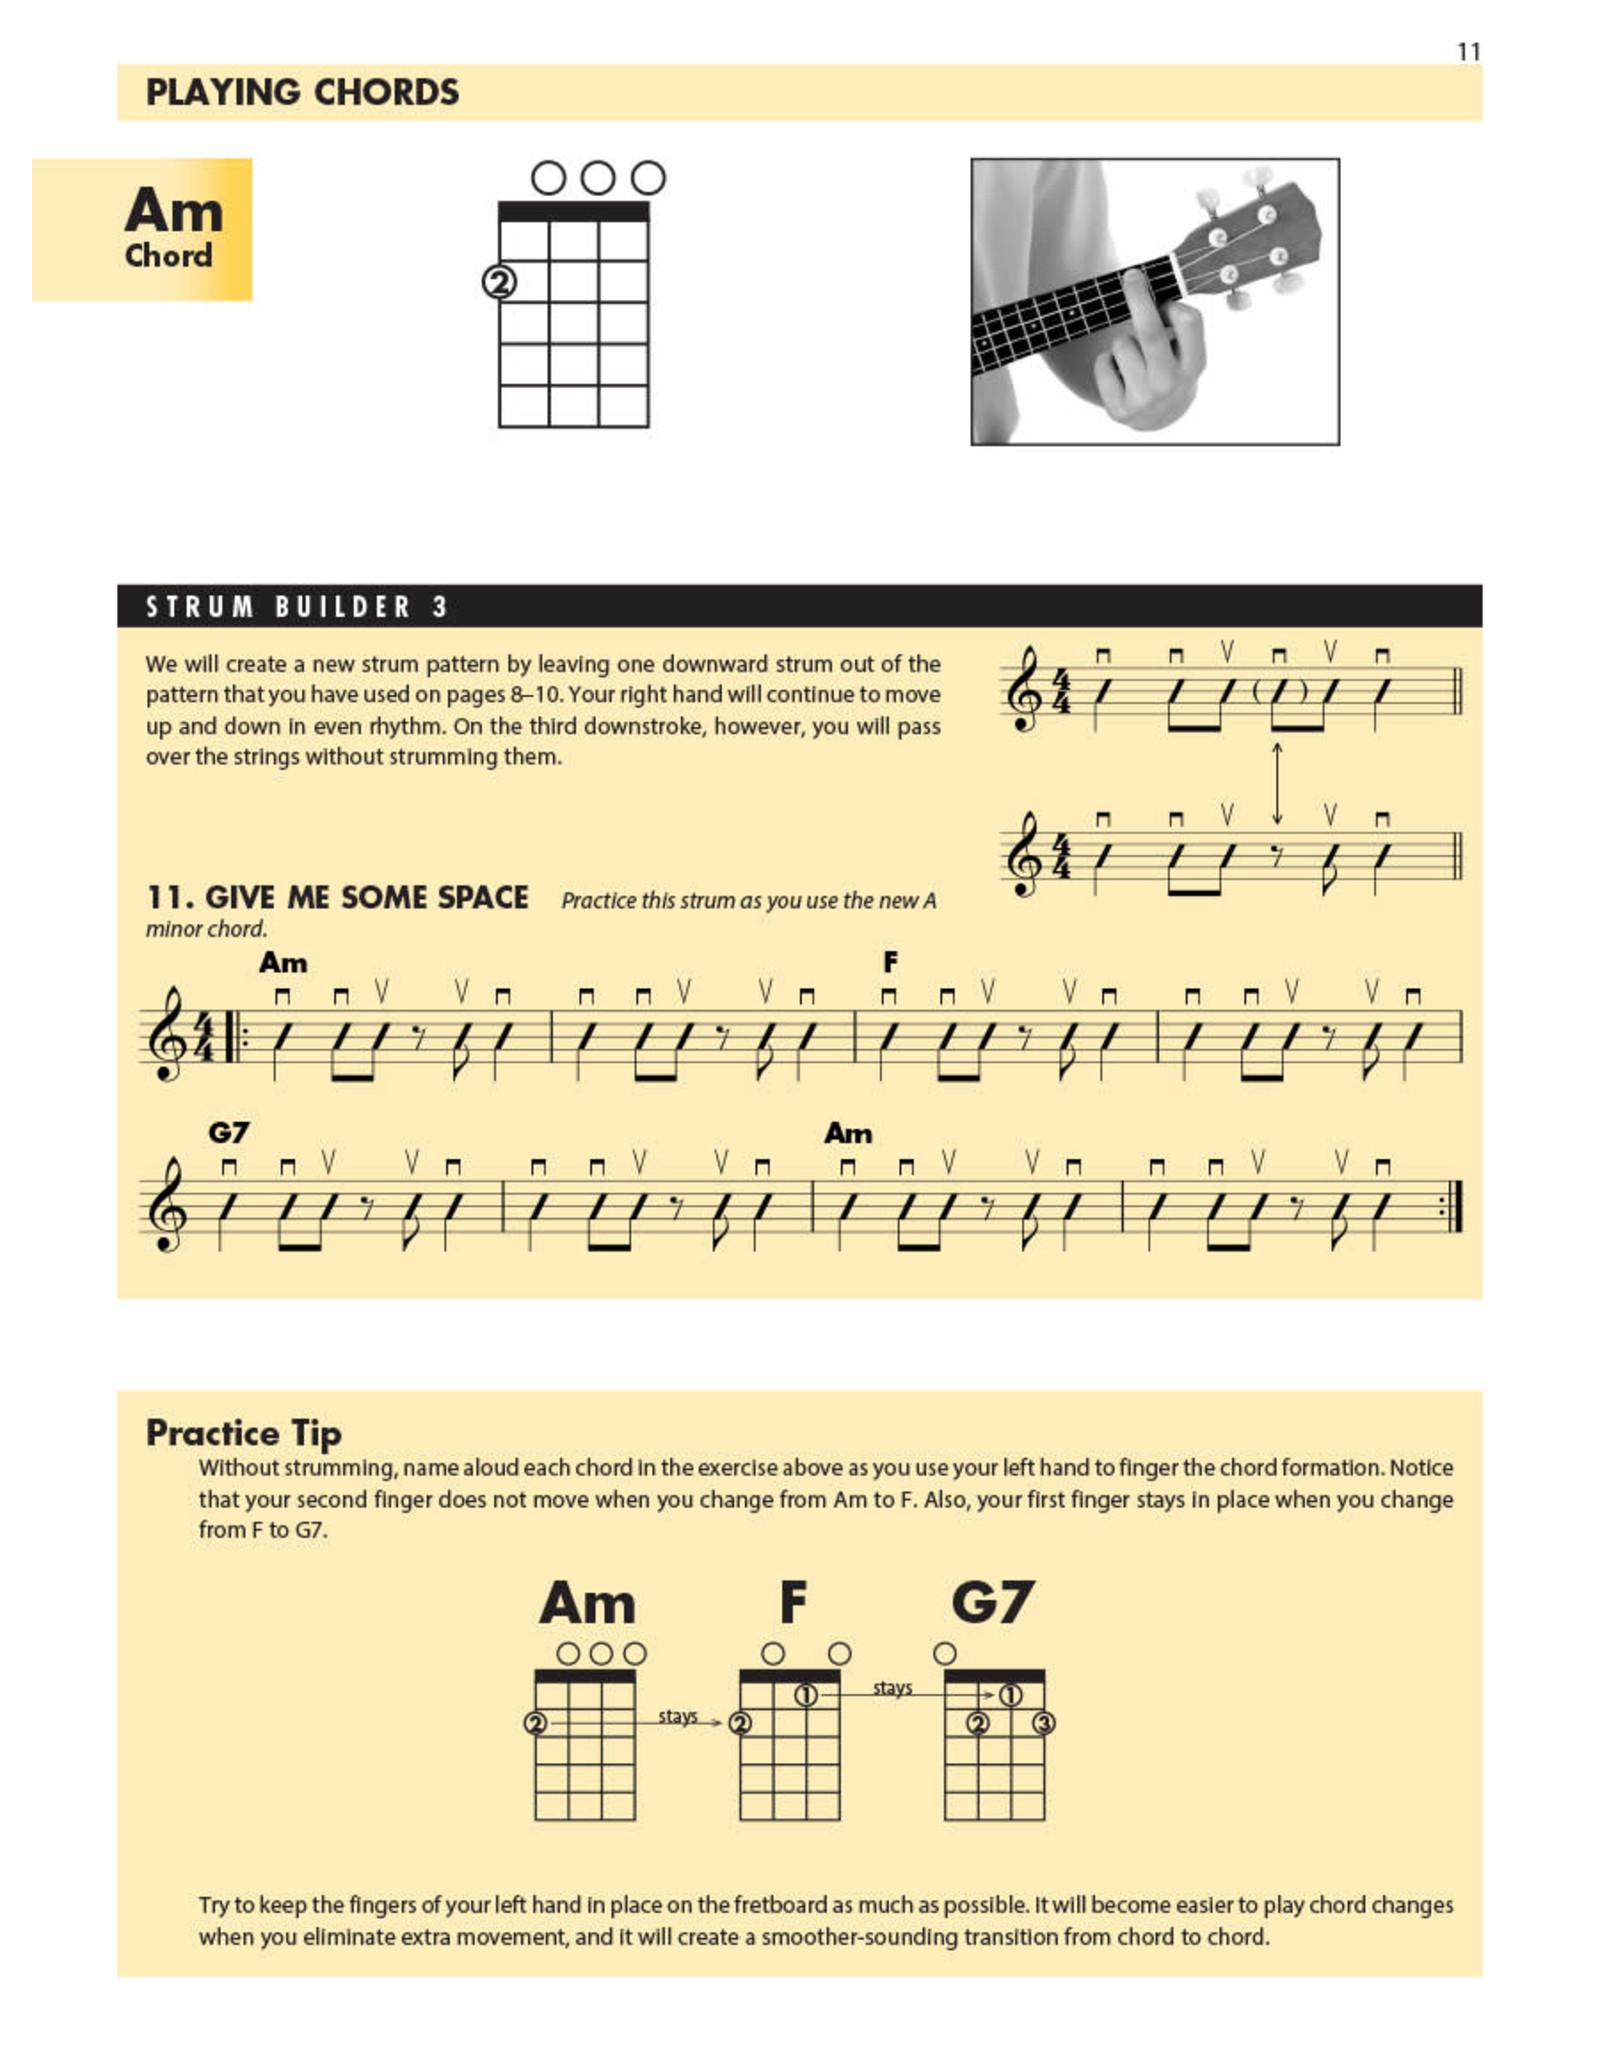 Hal Leonard Essential Elements for Ukulele - Book 1